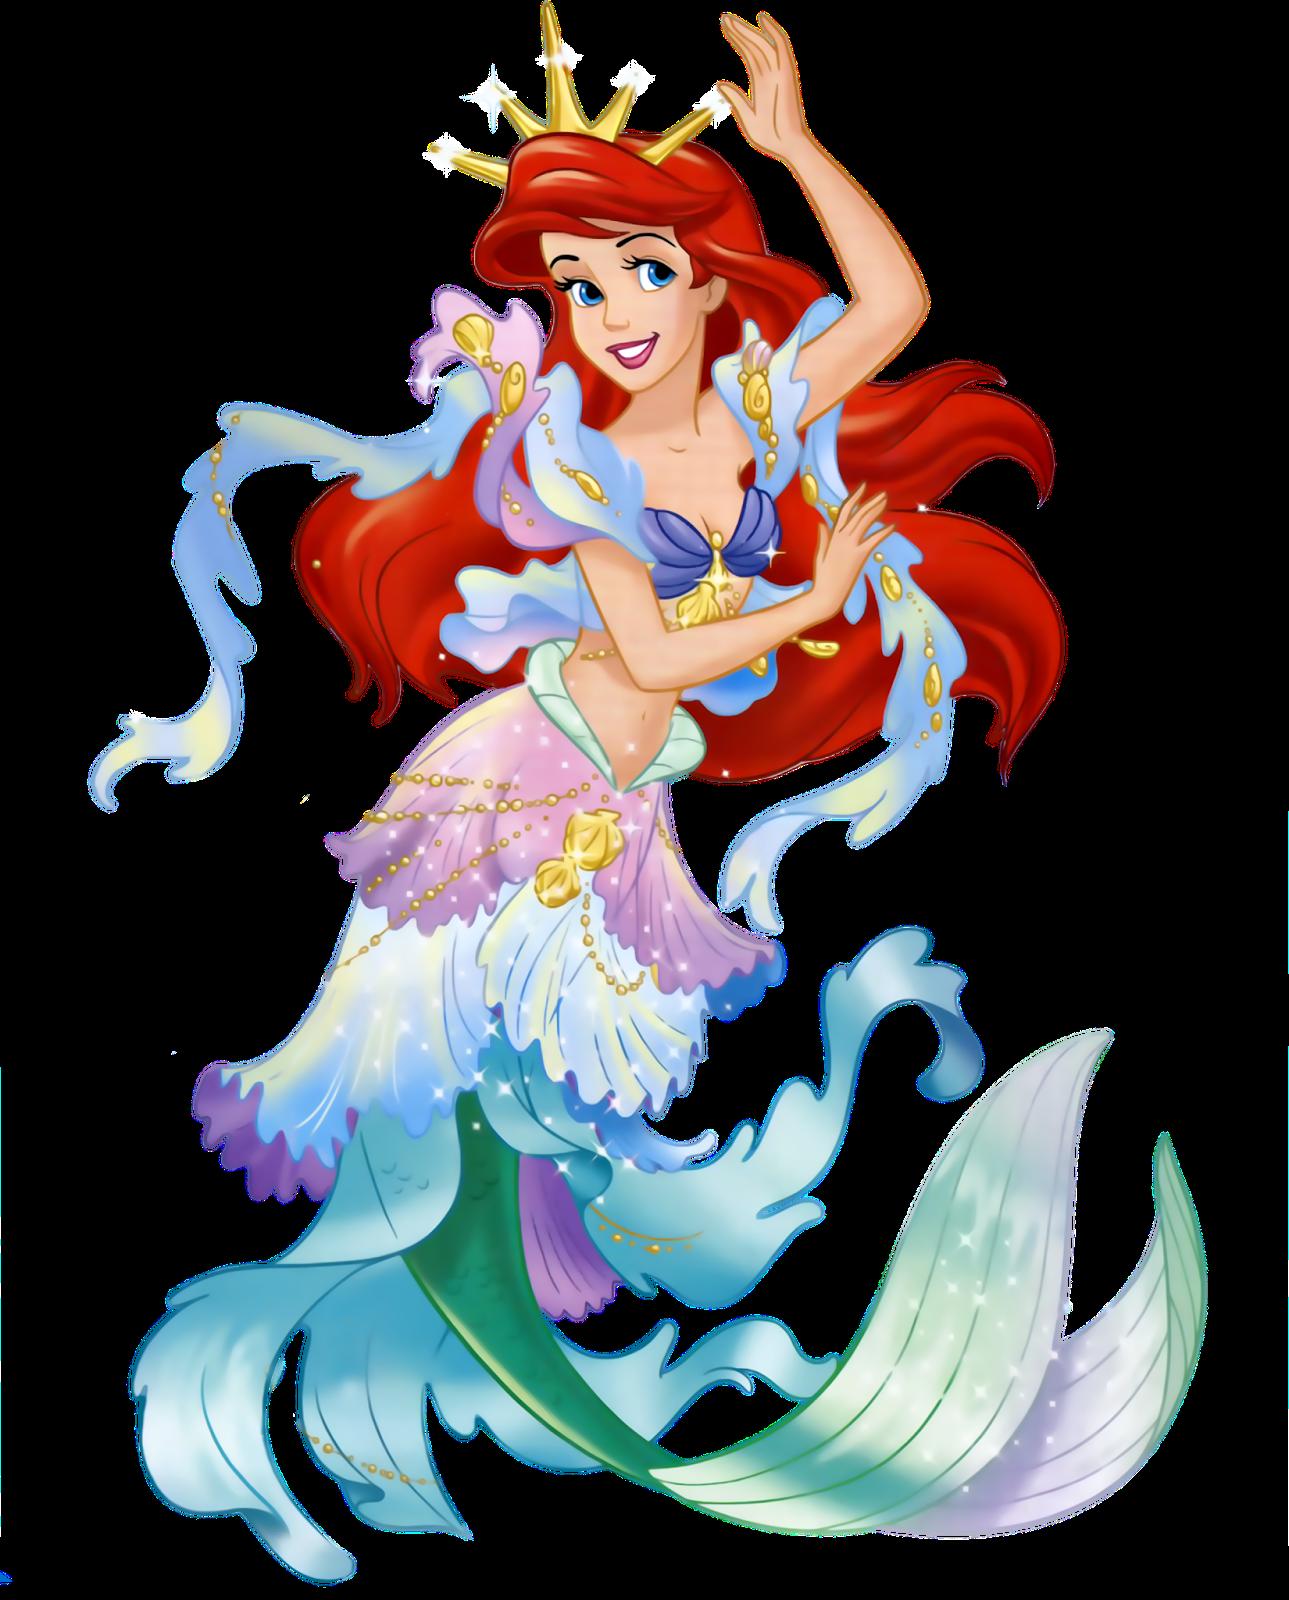 Mermaid Png Clipart Mermaid Free Png Download In 2021 Mermaid Cartoon Mermaid Images Mermaid Clipart